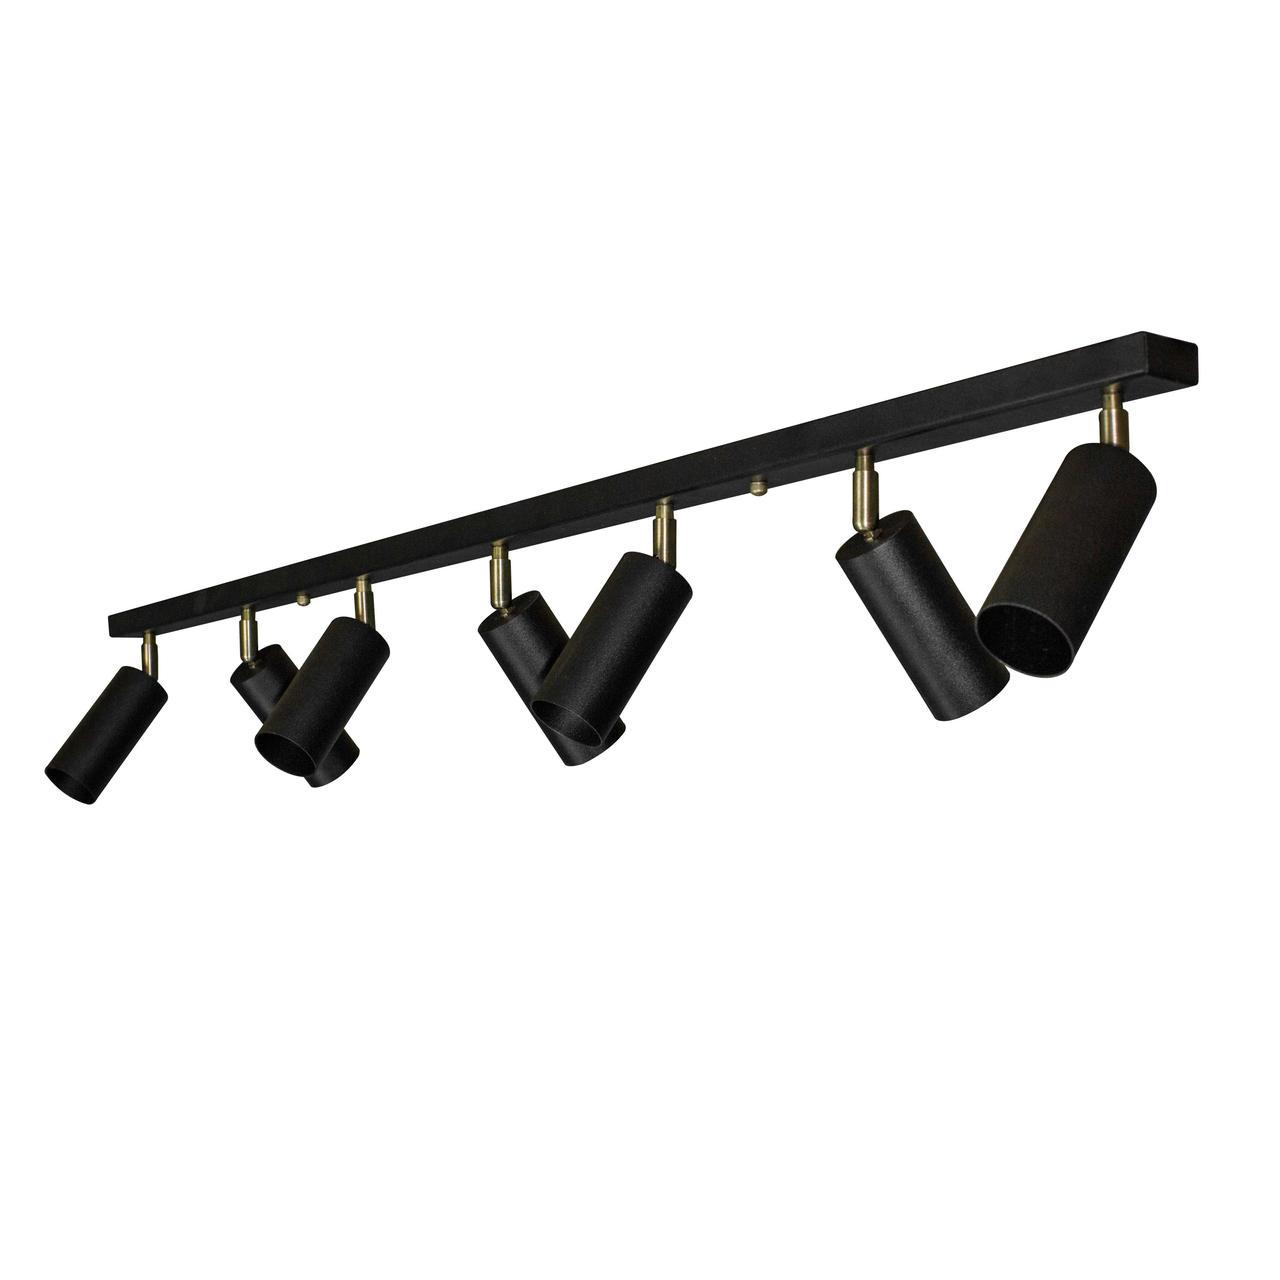 Светильники ЛОФТ - Люстра лофт с поворотным механизмом черная 000002674 - Фото 2